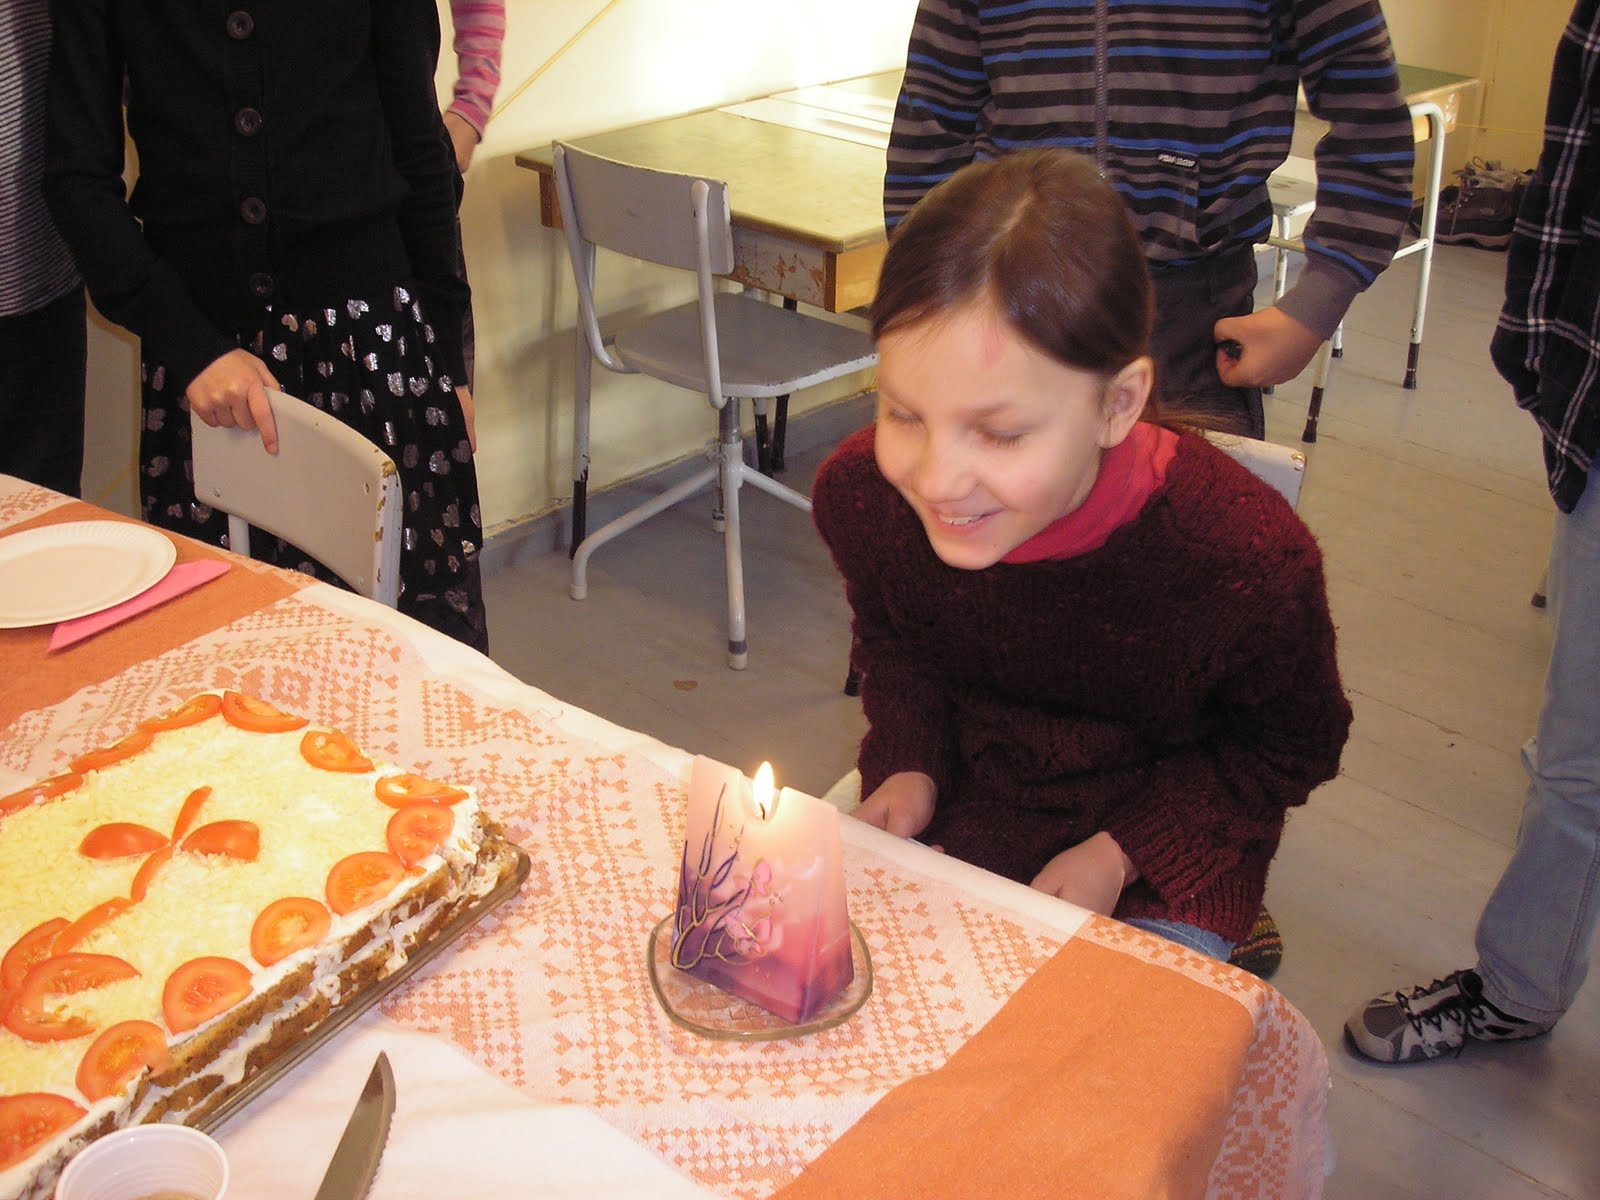 fa7958f7586 Kuigi pea pooled lastest olid puudu, otsustasime siis klassiõhtu asemel  hoopis klassihommikut pidada. Kõigepealt pidasime meeles sünnipäevalast  Ellot laulu ...